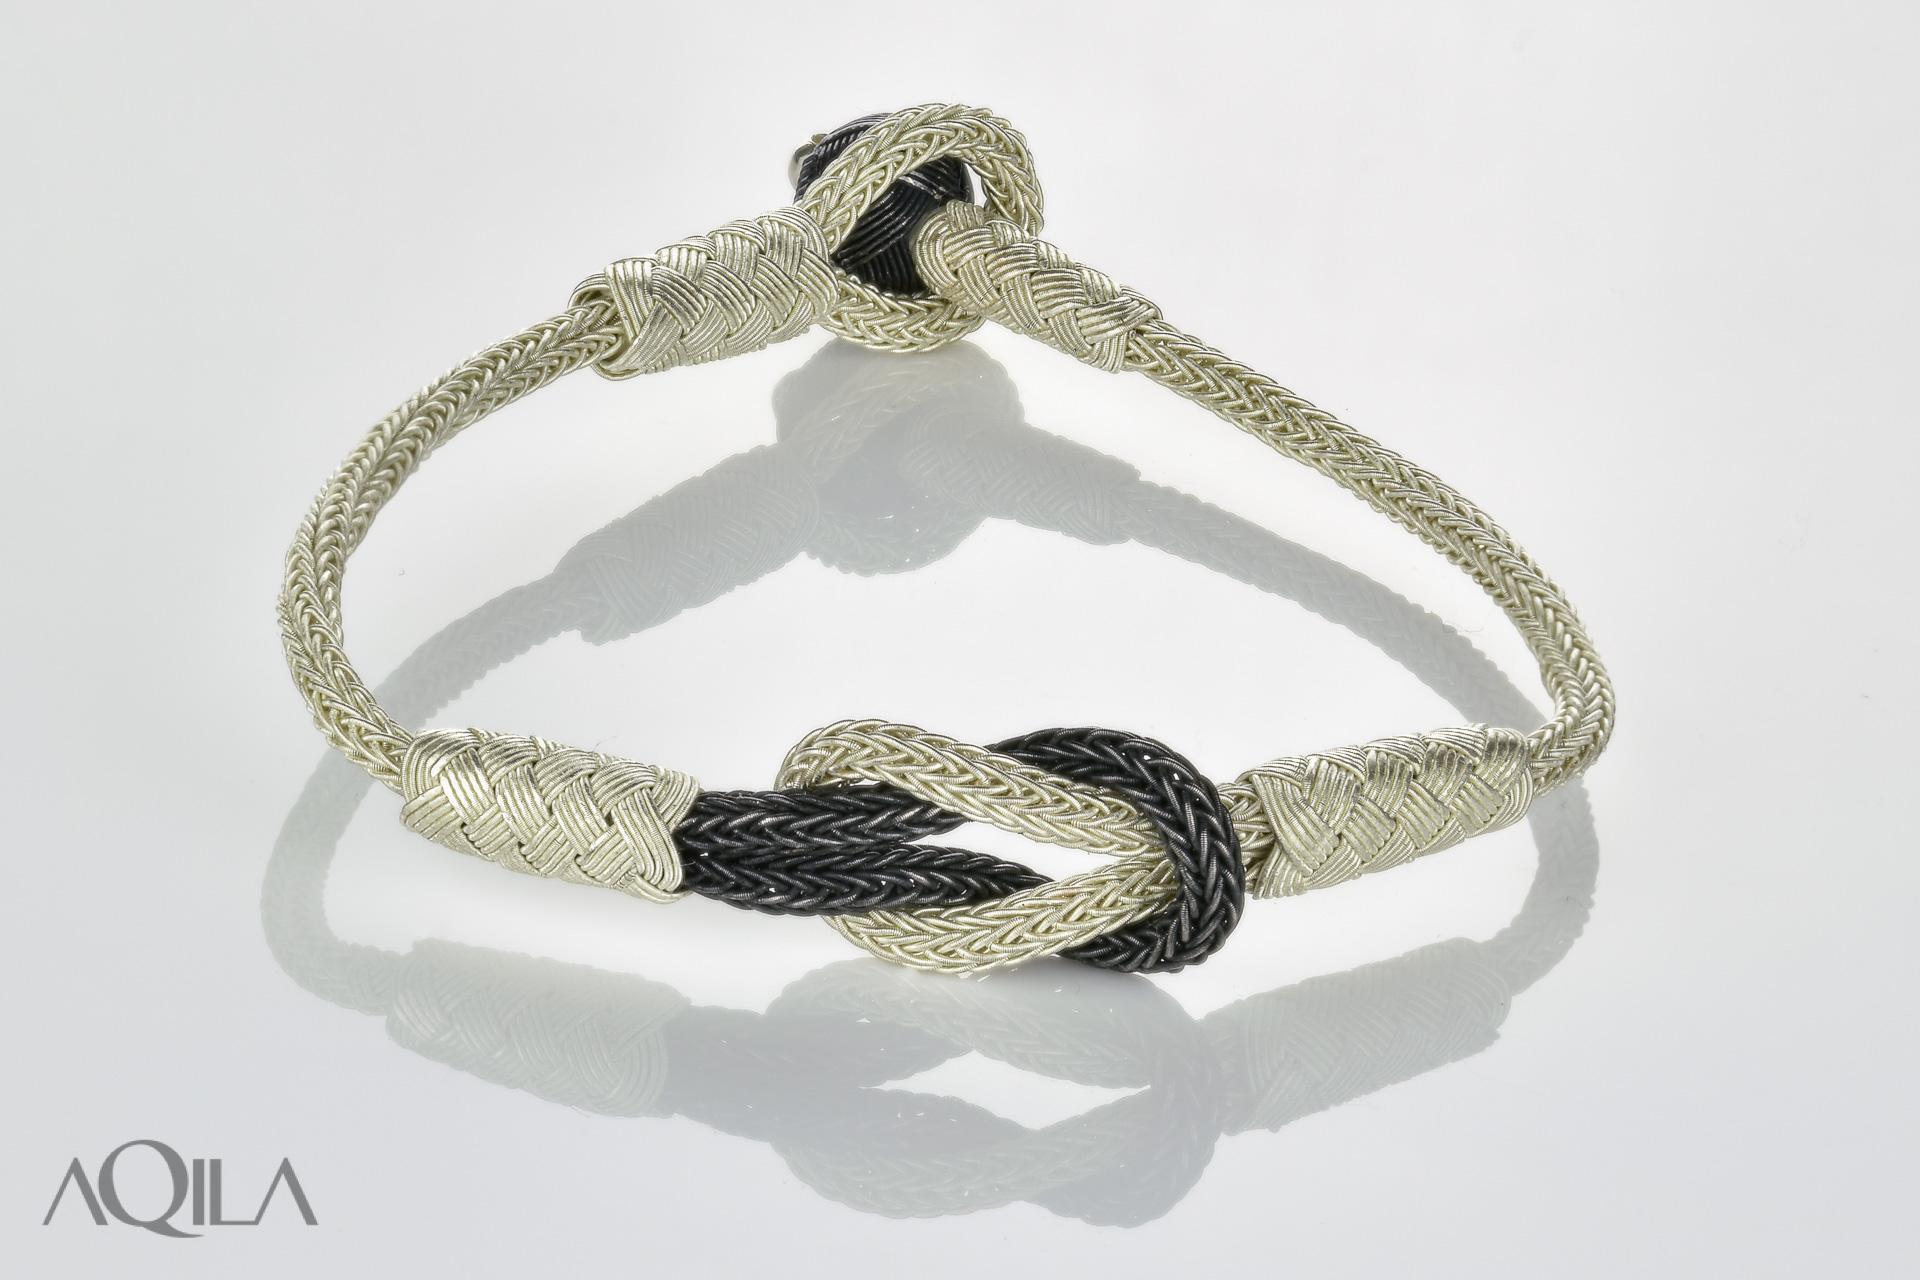 Artikelnummer  10534  Art  Kazaziye   Armbänder  Material  Silber ... c327a0301c